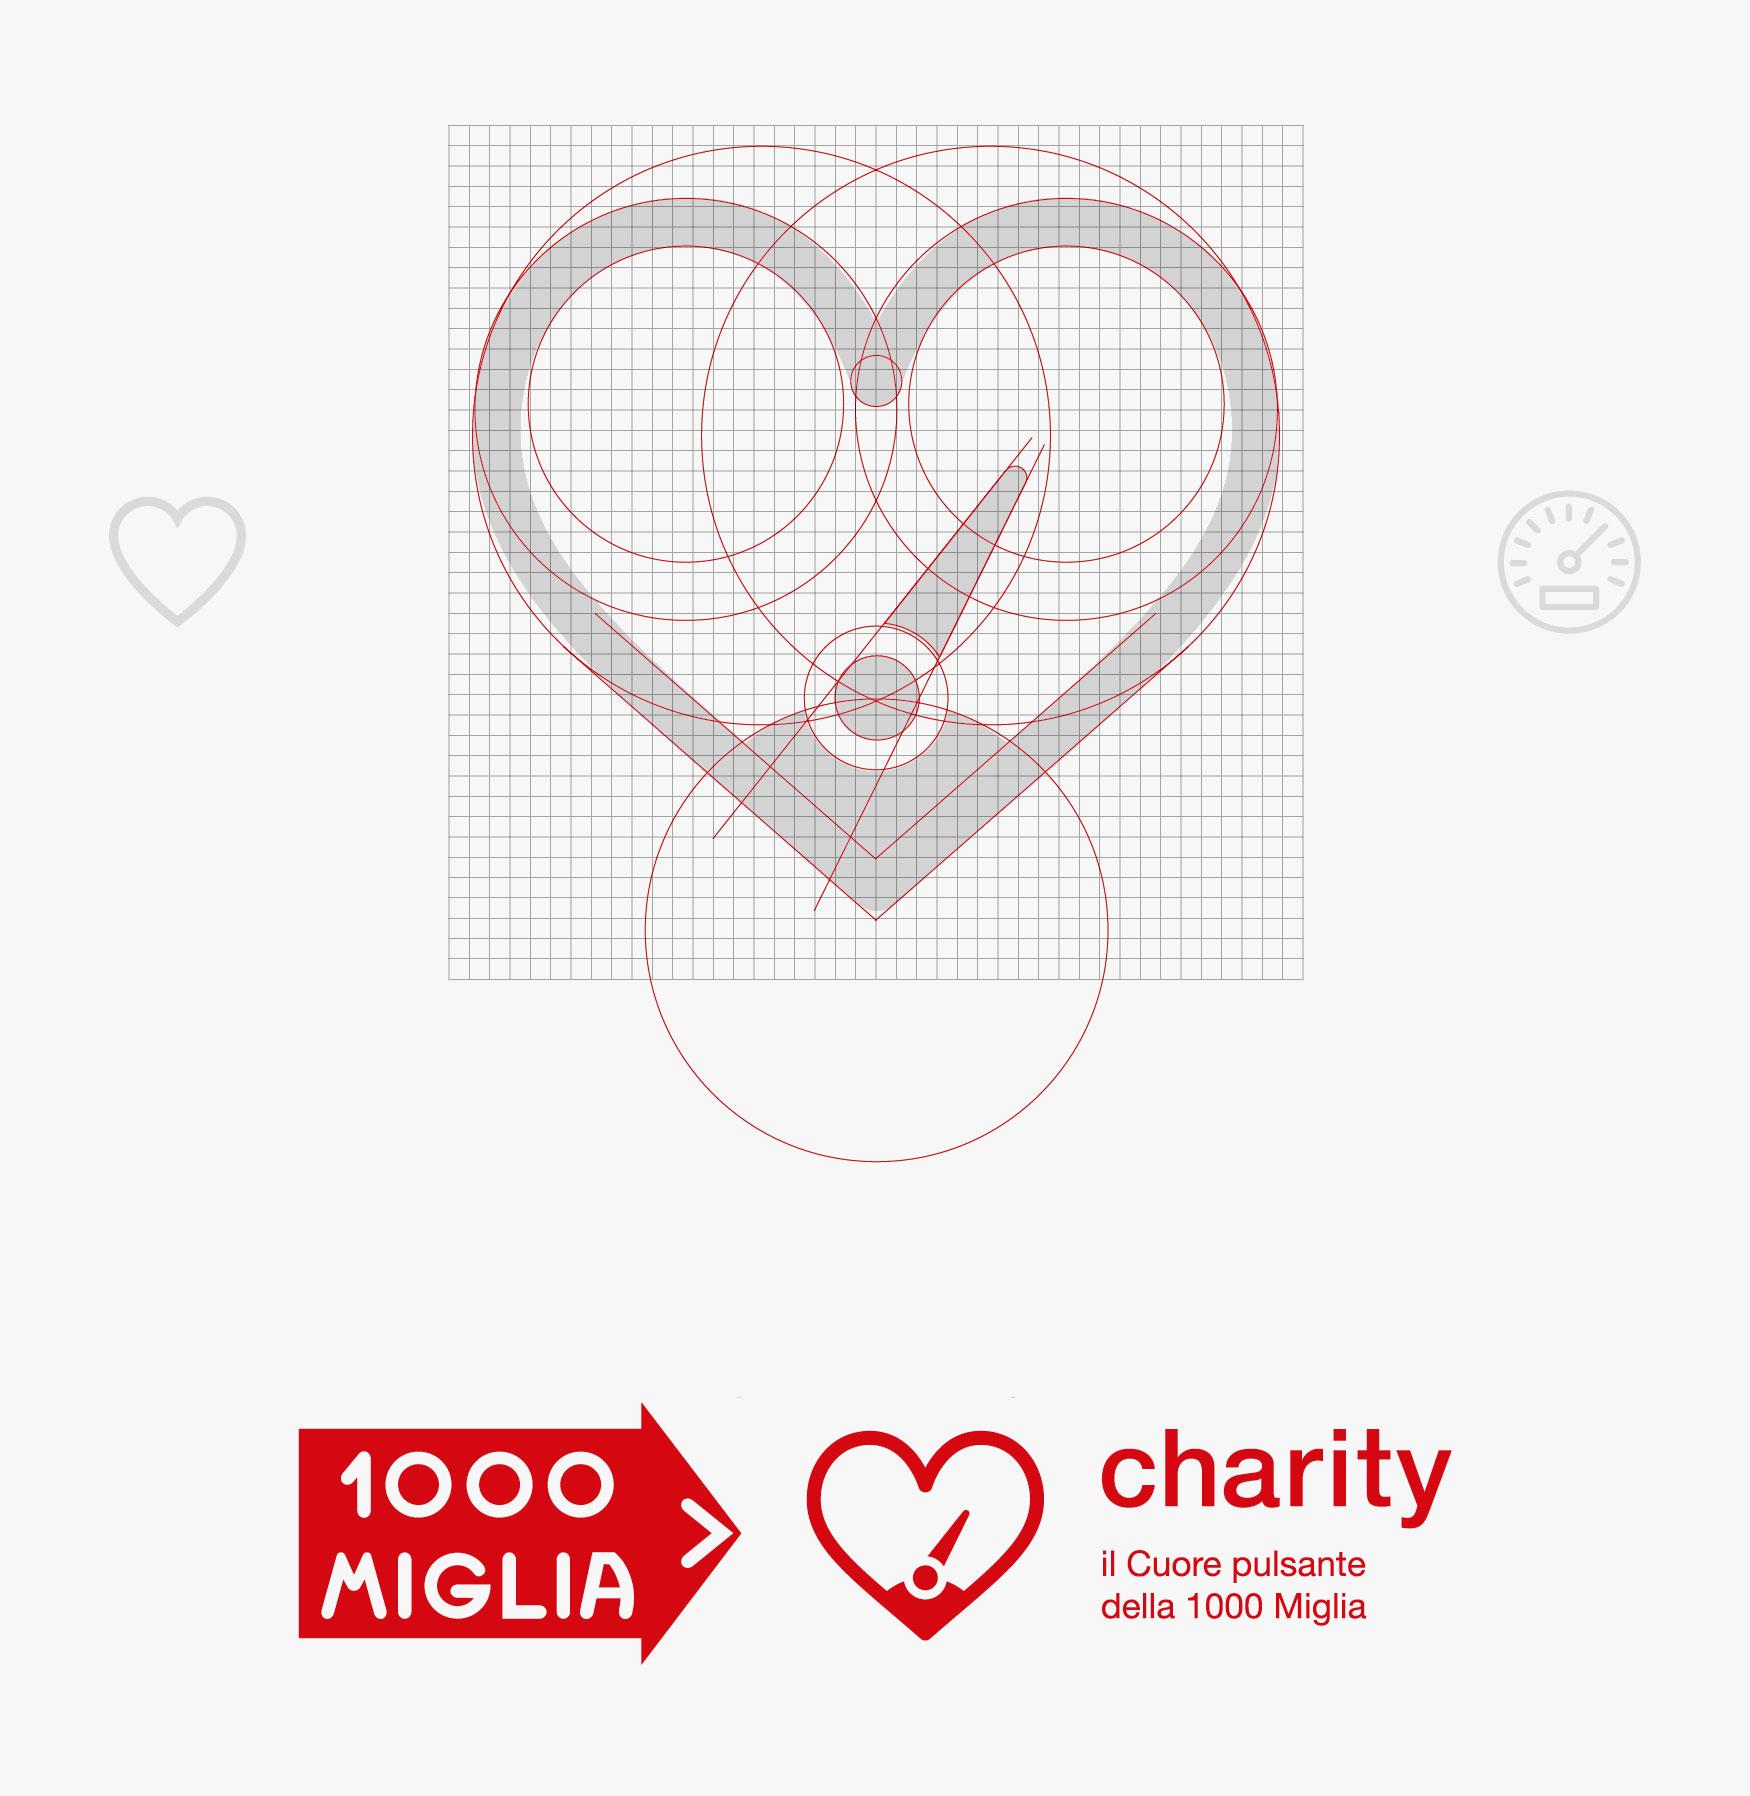 Brand concept design mille miglia charity